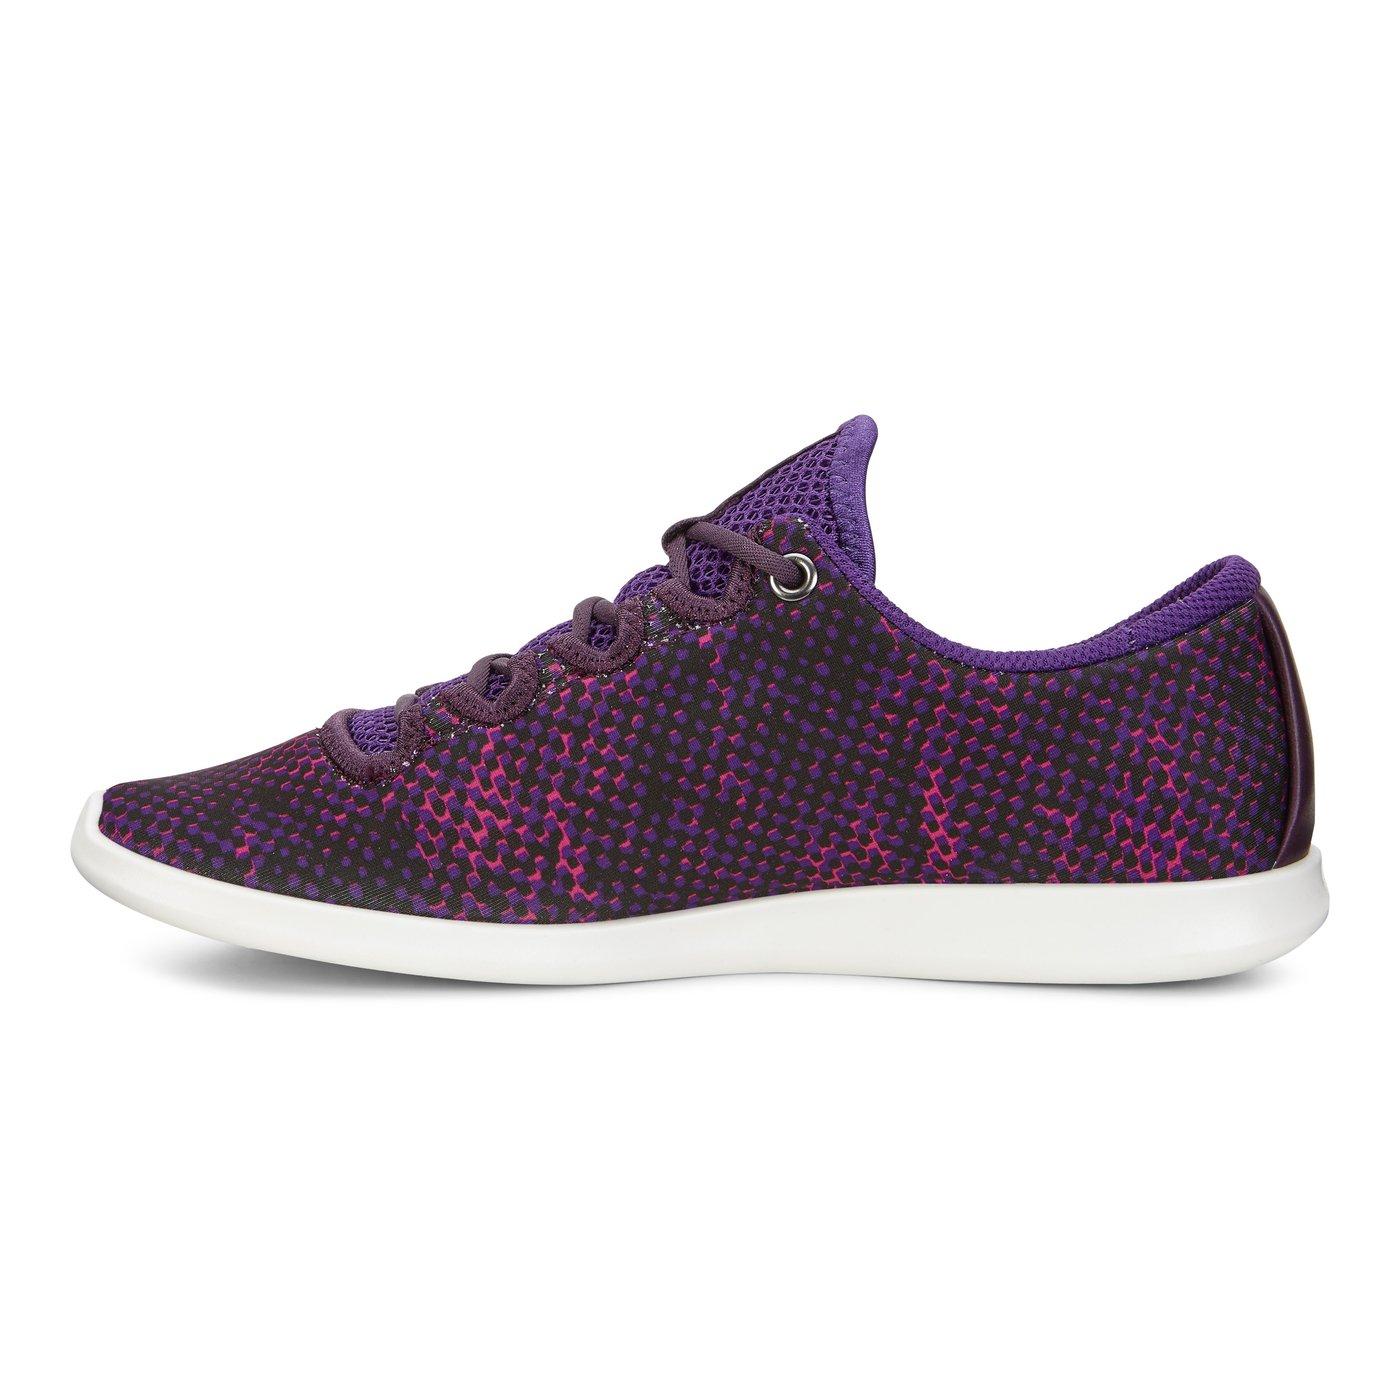 96a80fad94ad ECCO Sense Sport Sneaker